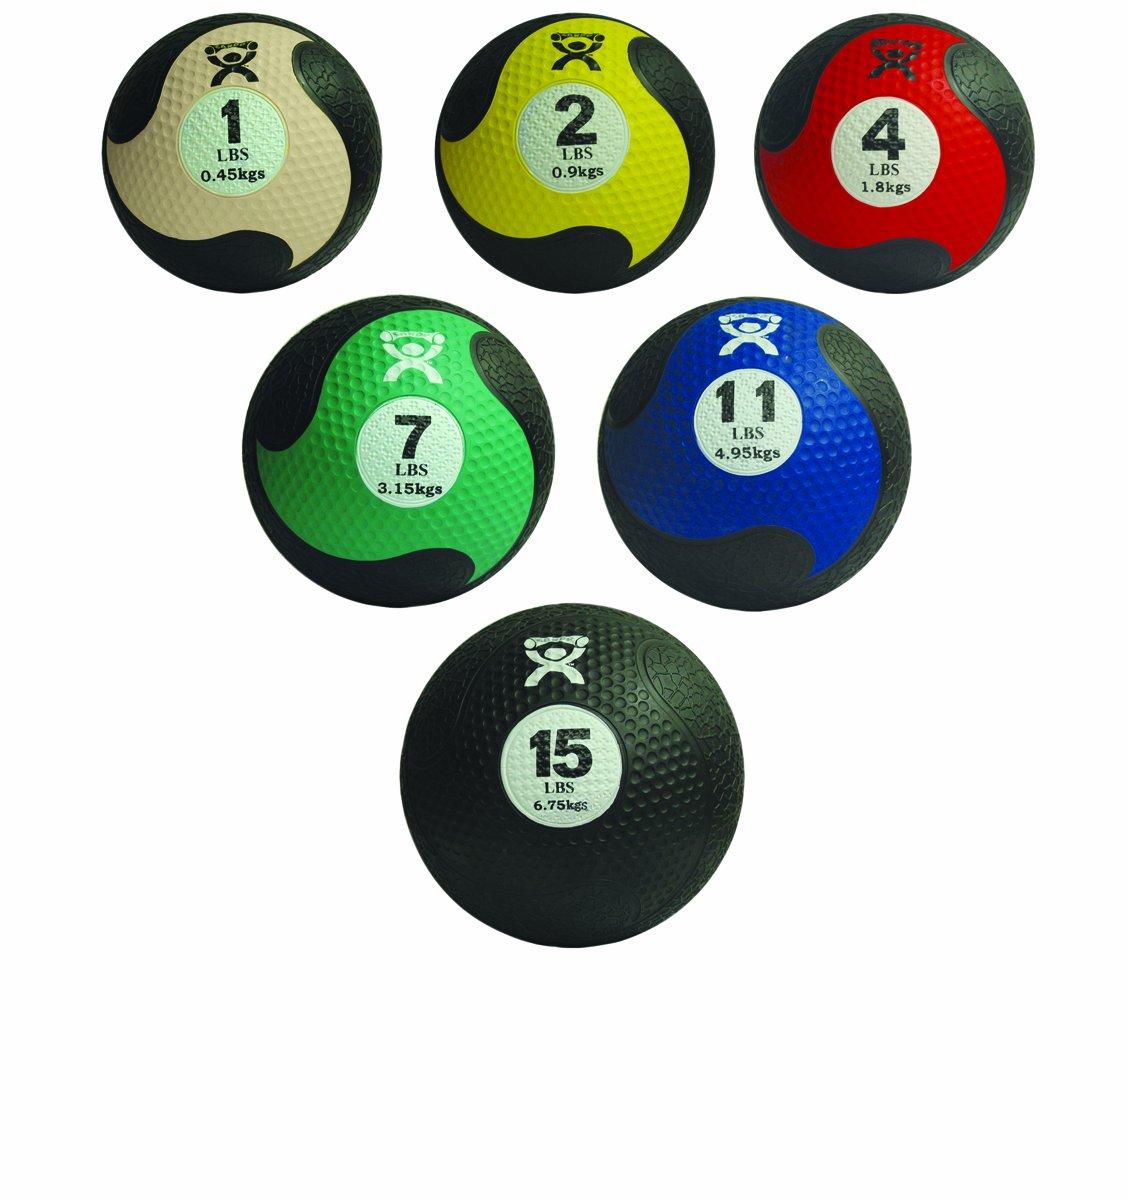 CanDo 10-3146 Firm Medicine Ball, 5-piece Set